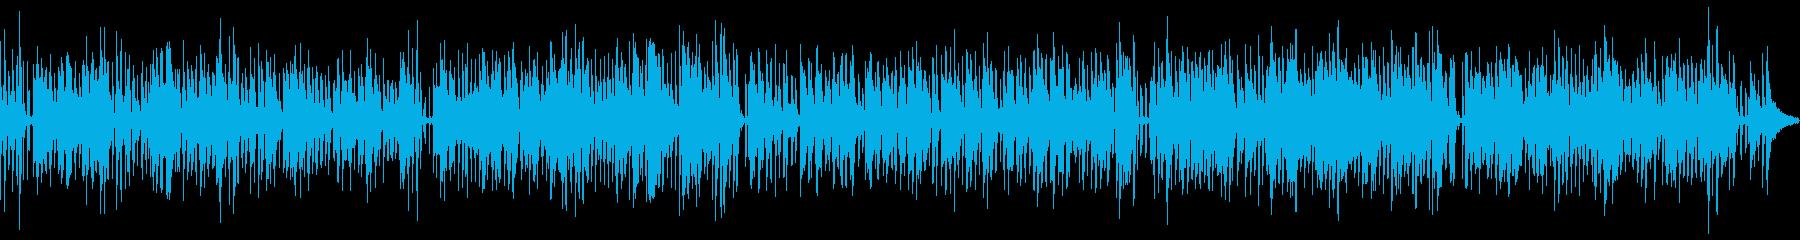 軽快、コミカルに奏でるジャズの再生済みの波形